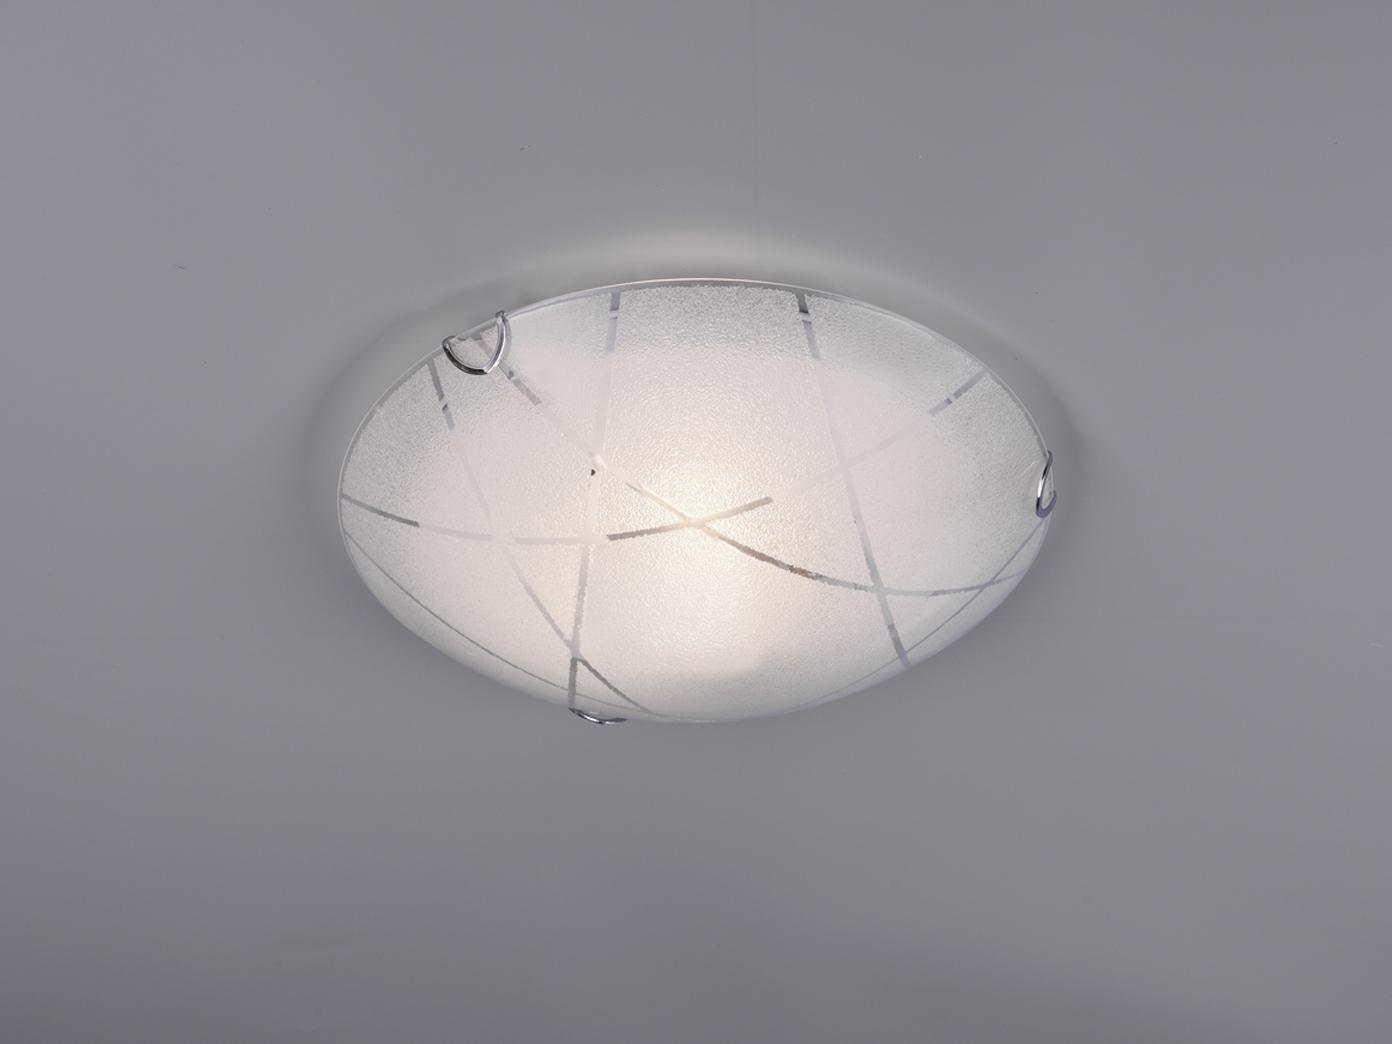 Exklusive Deckenleuchte rund Ø 25cm aus Glas in weiß mit verspielter Glasdeko